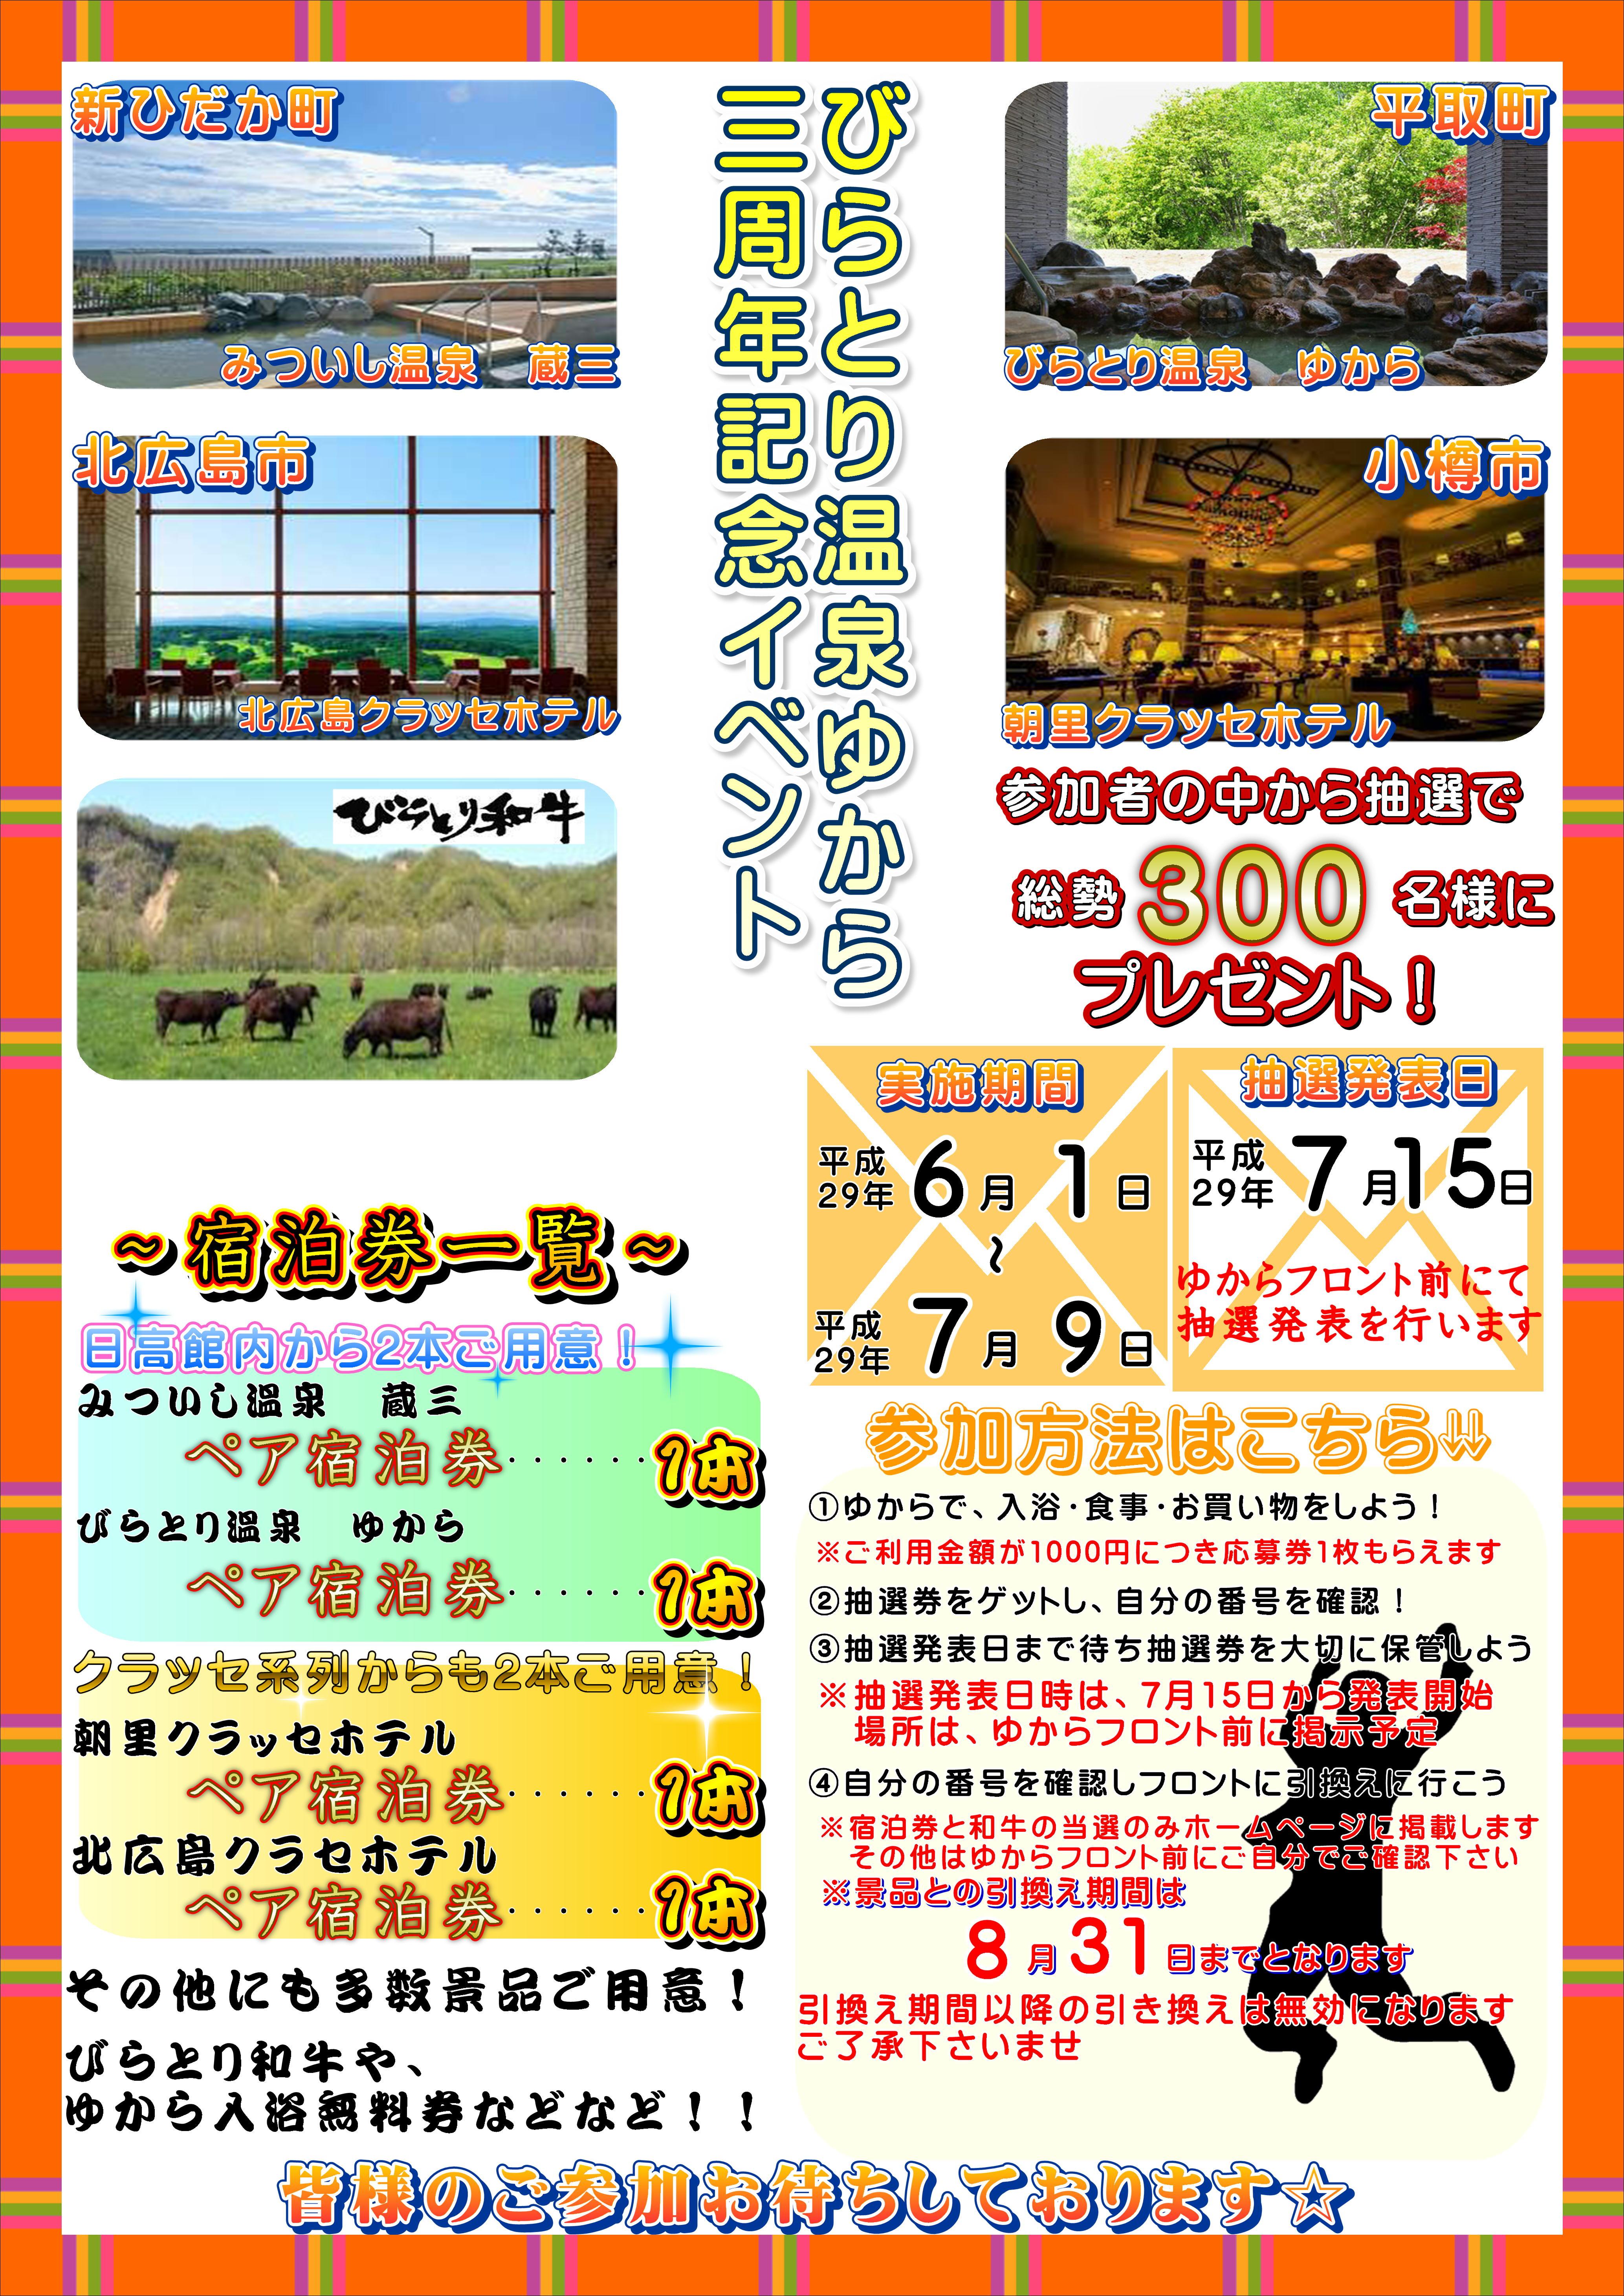 3周年記念イベント.JPEG